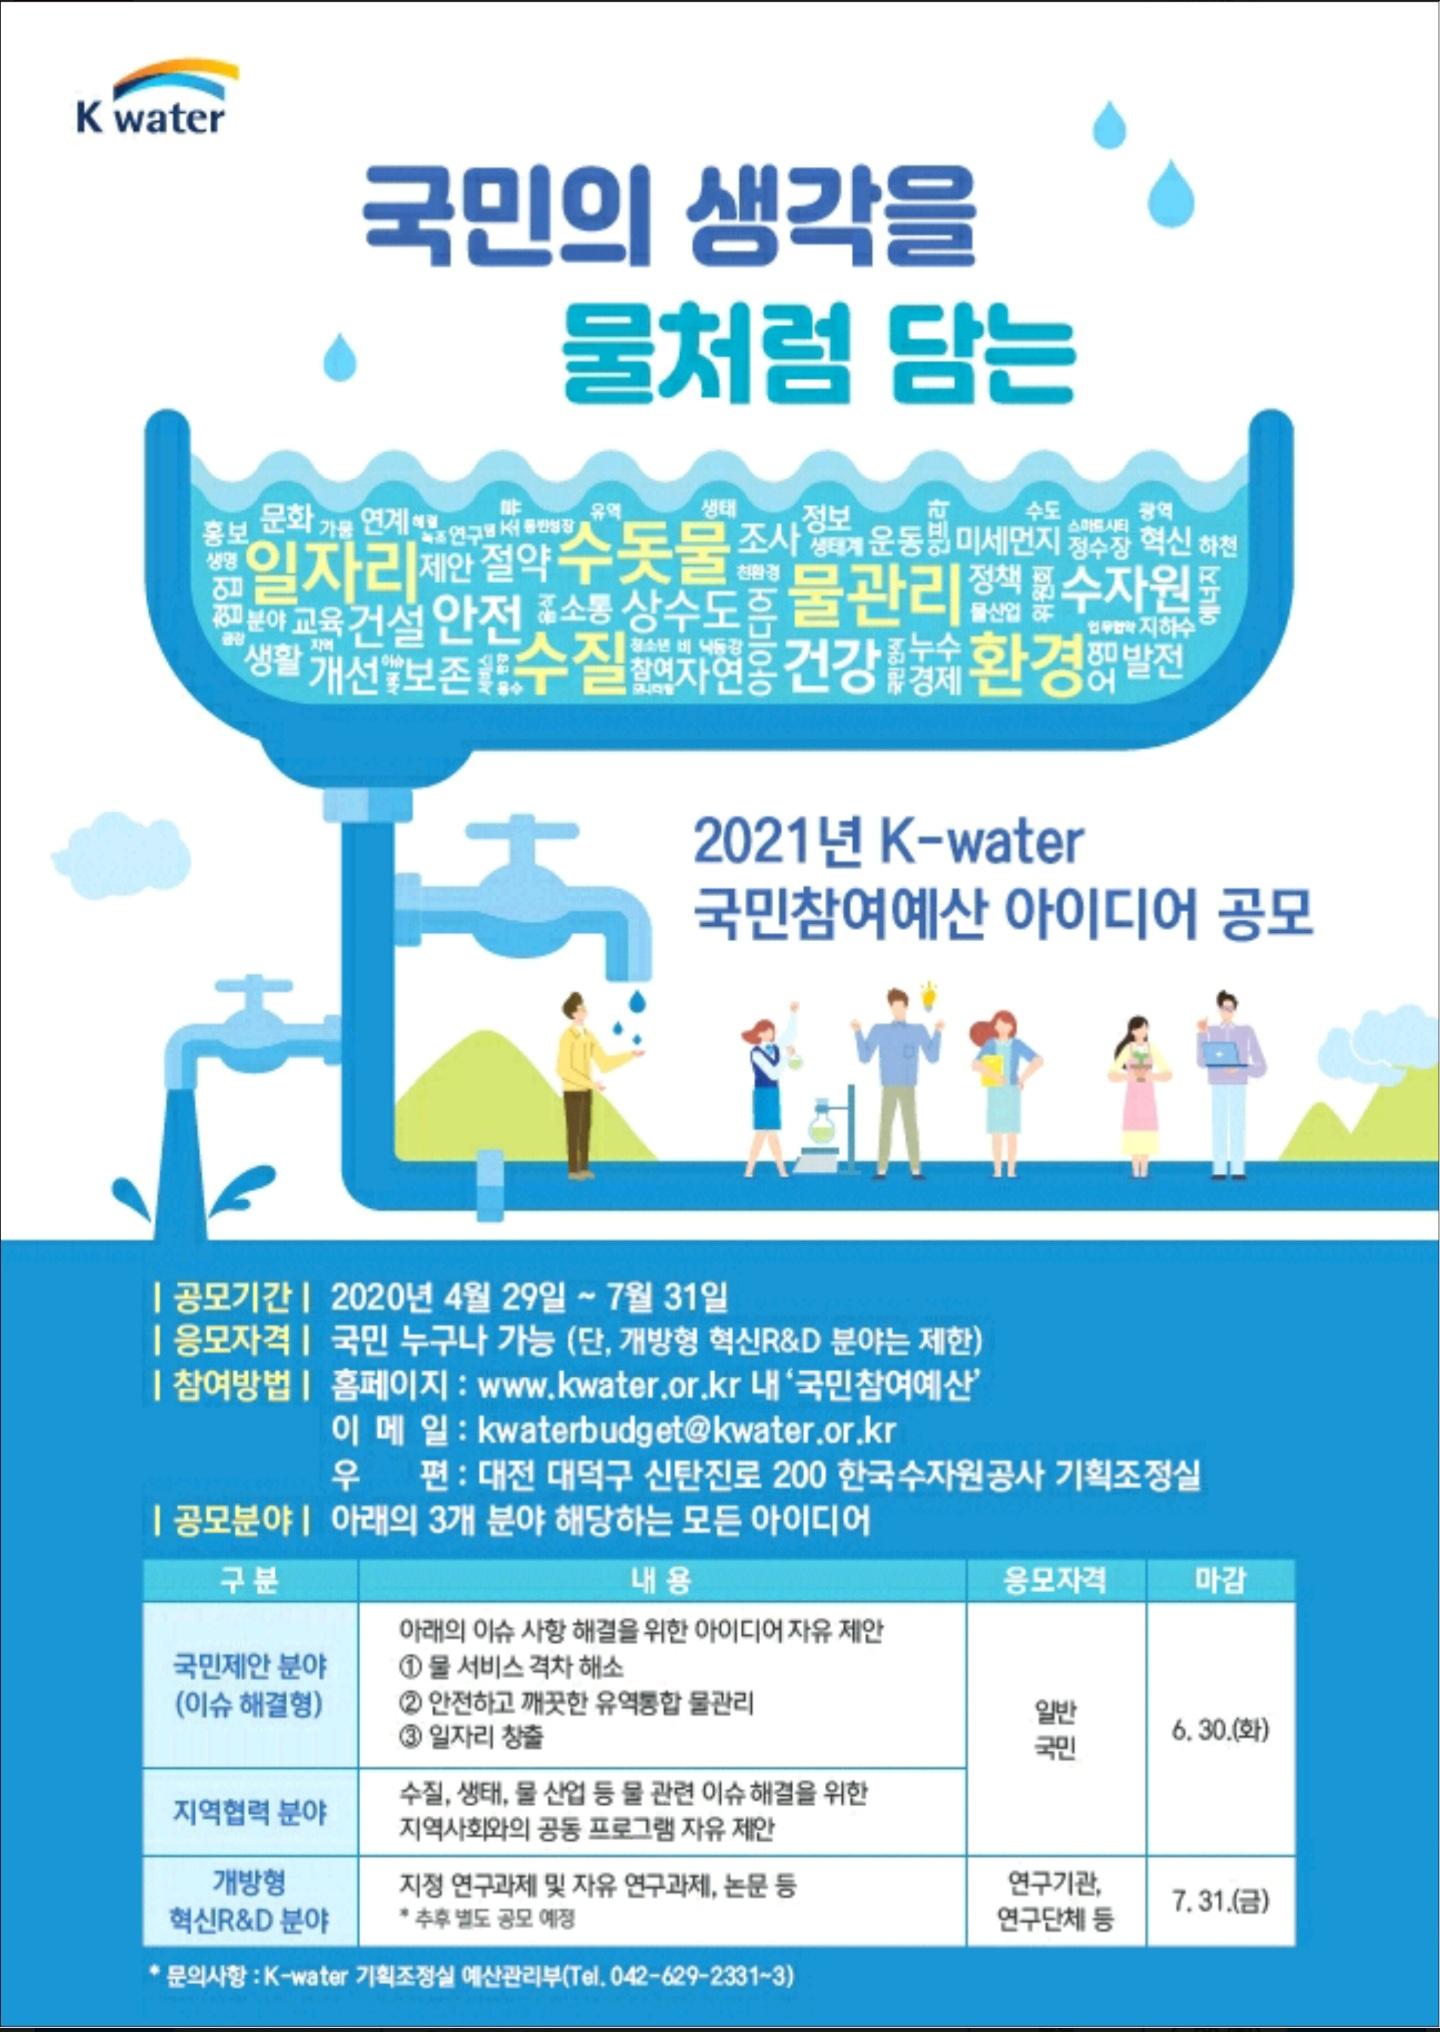 한국수자원공사, '국민참여예산제' 시행 국가 물관리에 대한 공감대 확산과 국민 주도의 물관리 혁신 기대